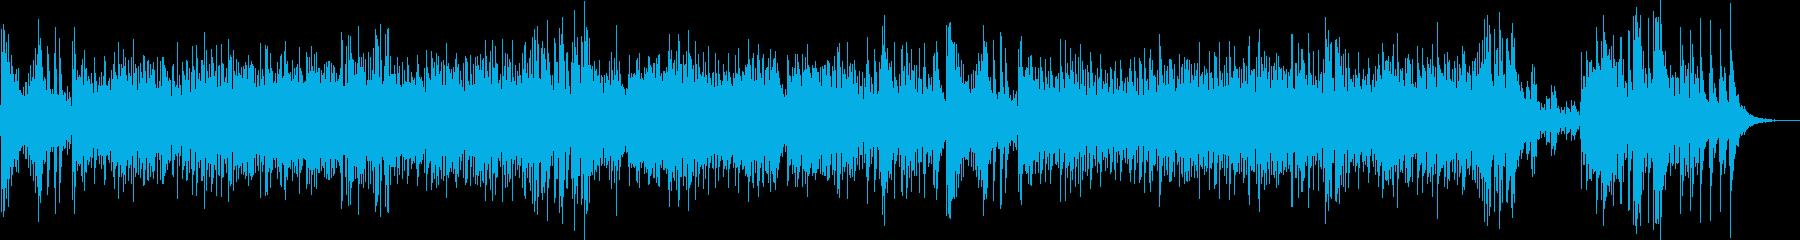 ピチカート五重奏による軽快な曲です。の再生済みの波形